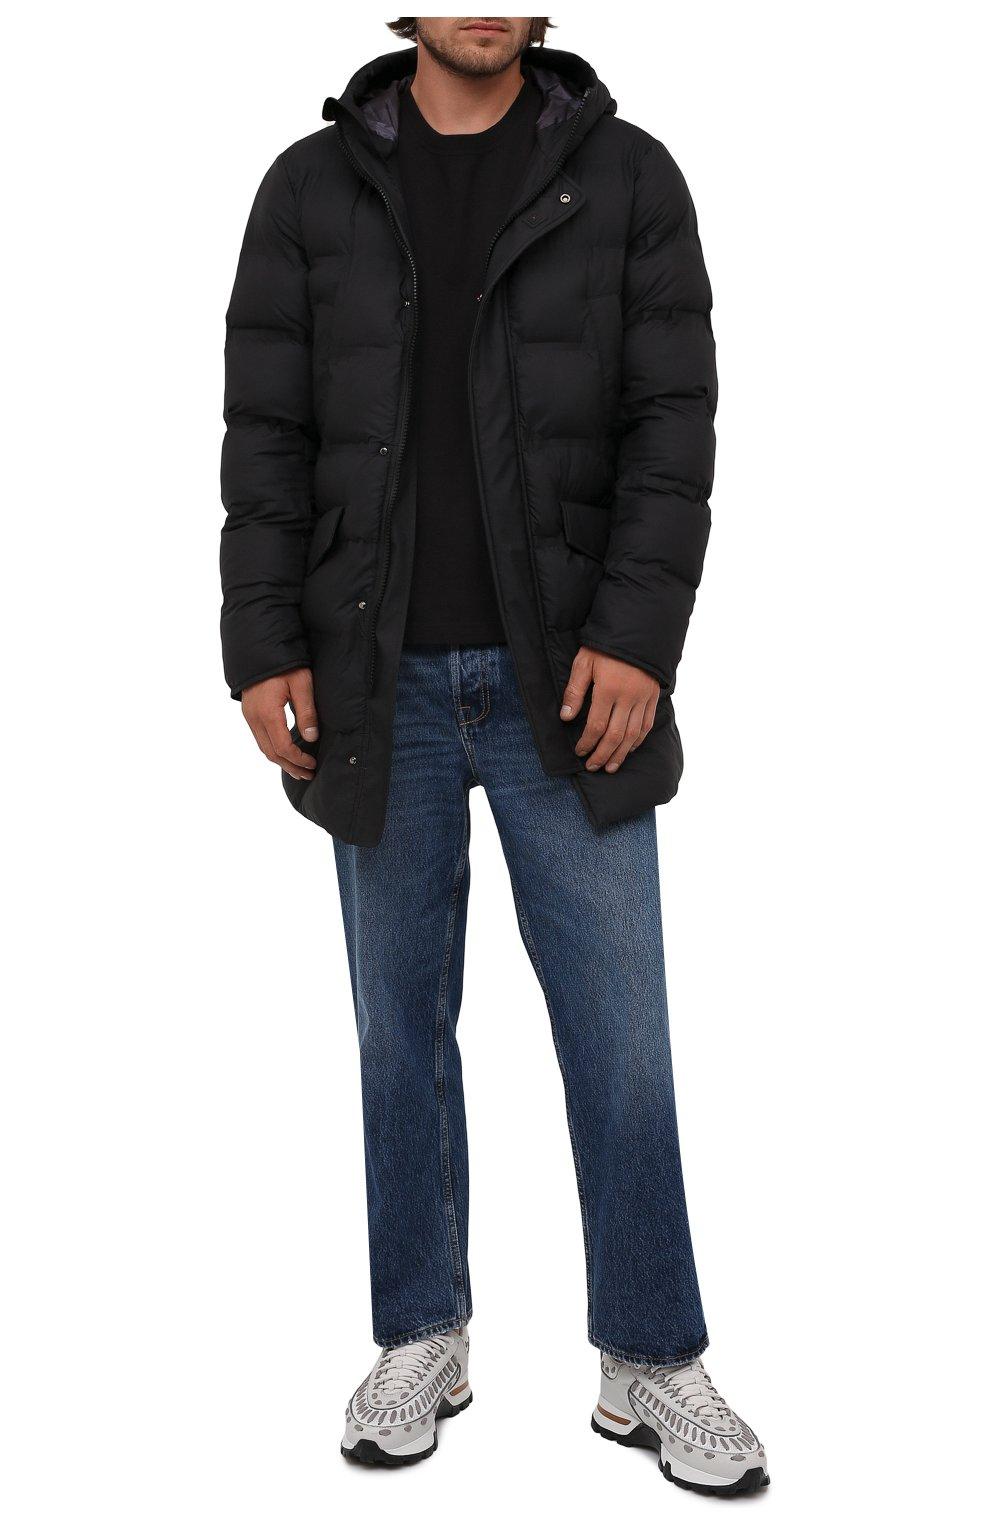 Мужская утепленная куртка KIRED черного цвета, арт. WSUKW7408505000 | Фото 2 (Кросс-КТ: Куртка; Мужское Кросс-КТ: пуховик-короткий; Рукава: Длинные; Длина (верхняя одежда): До середины бедра; Материал внешний: Синтетический материал; Материал подклада: Синтетический материал; Стили: Кэжуэл)